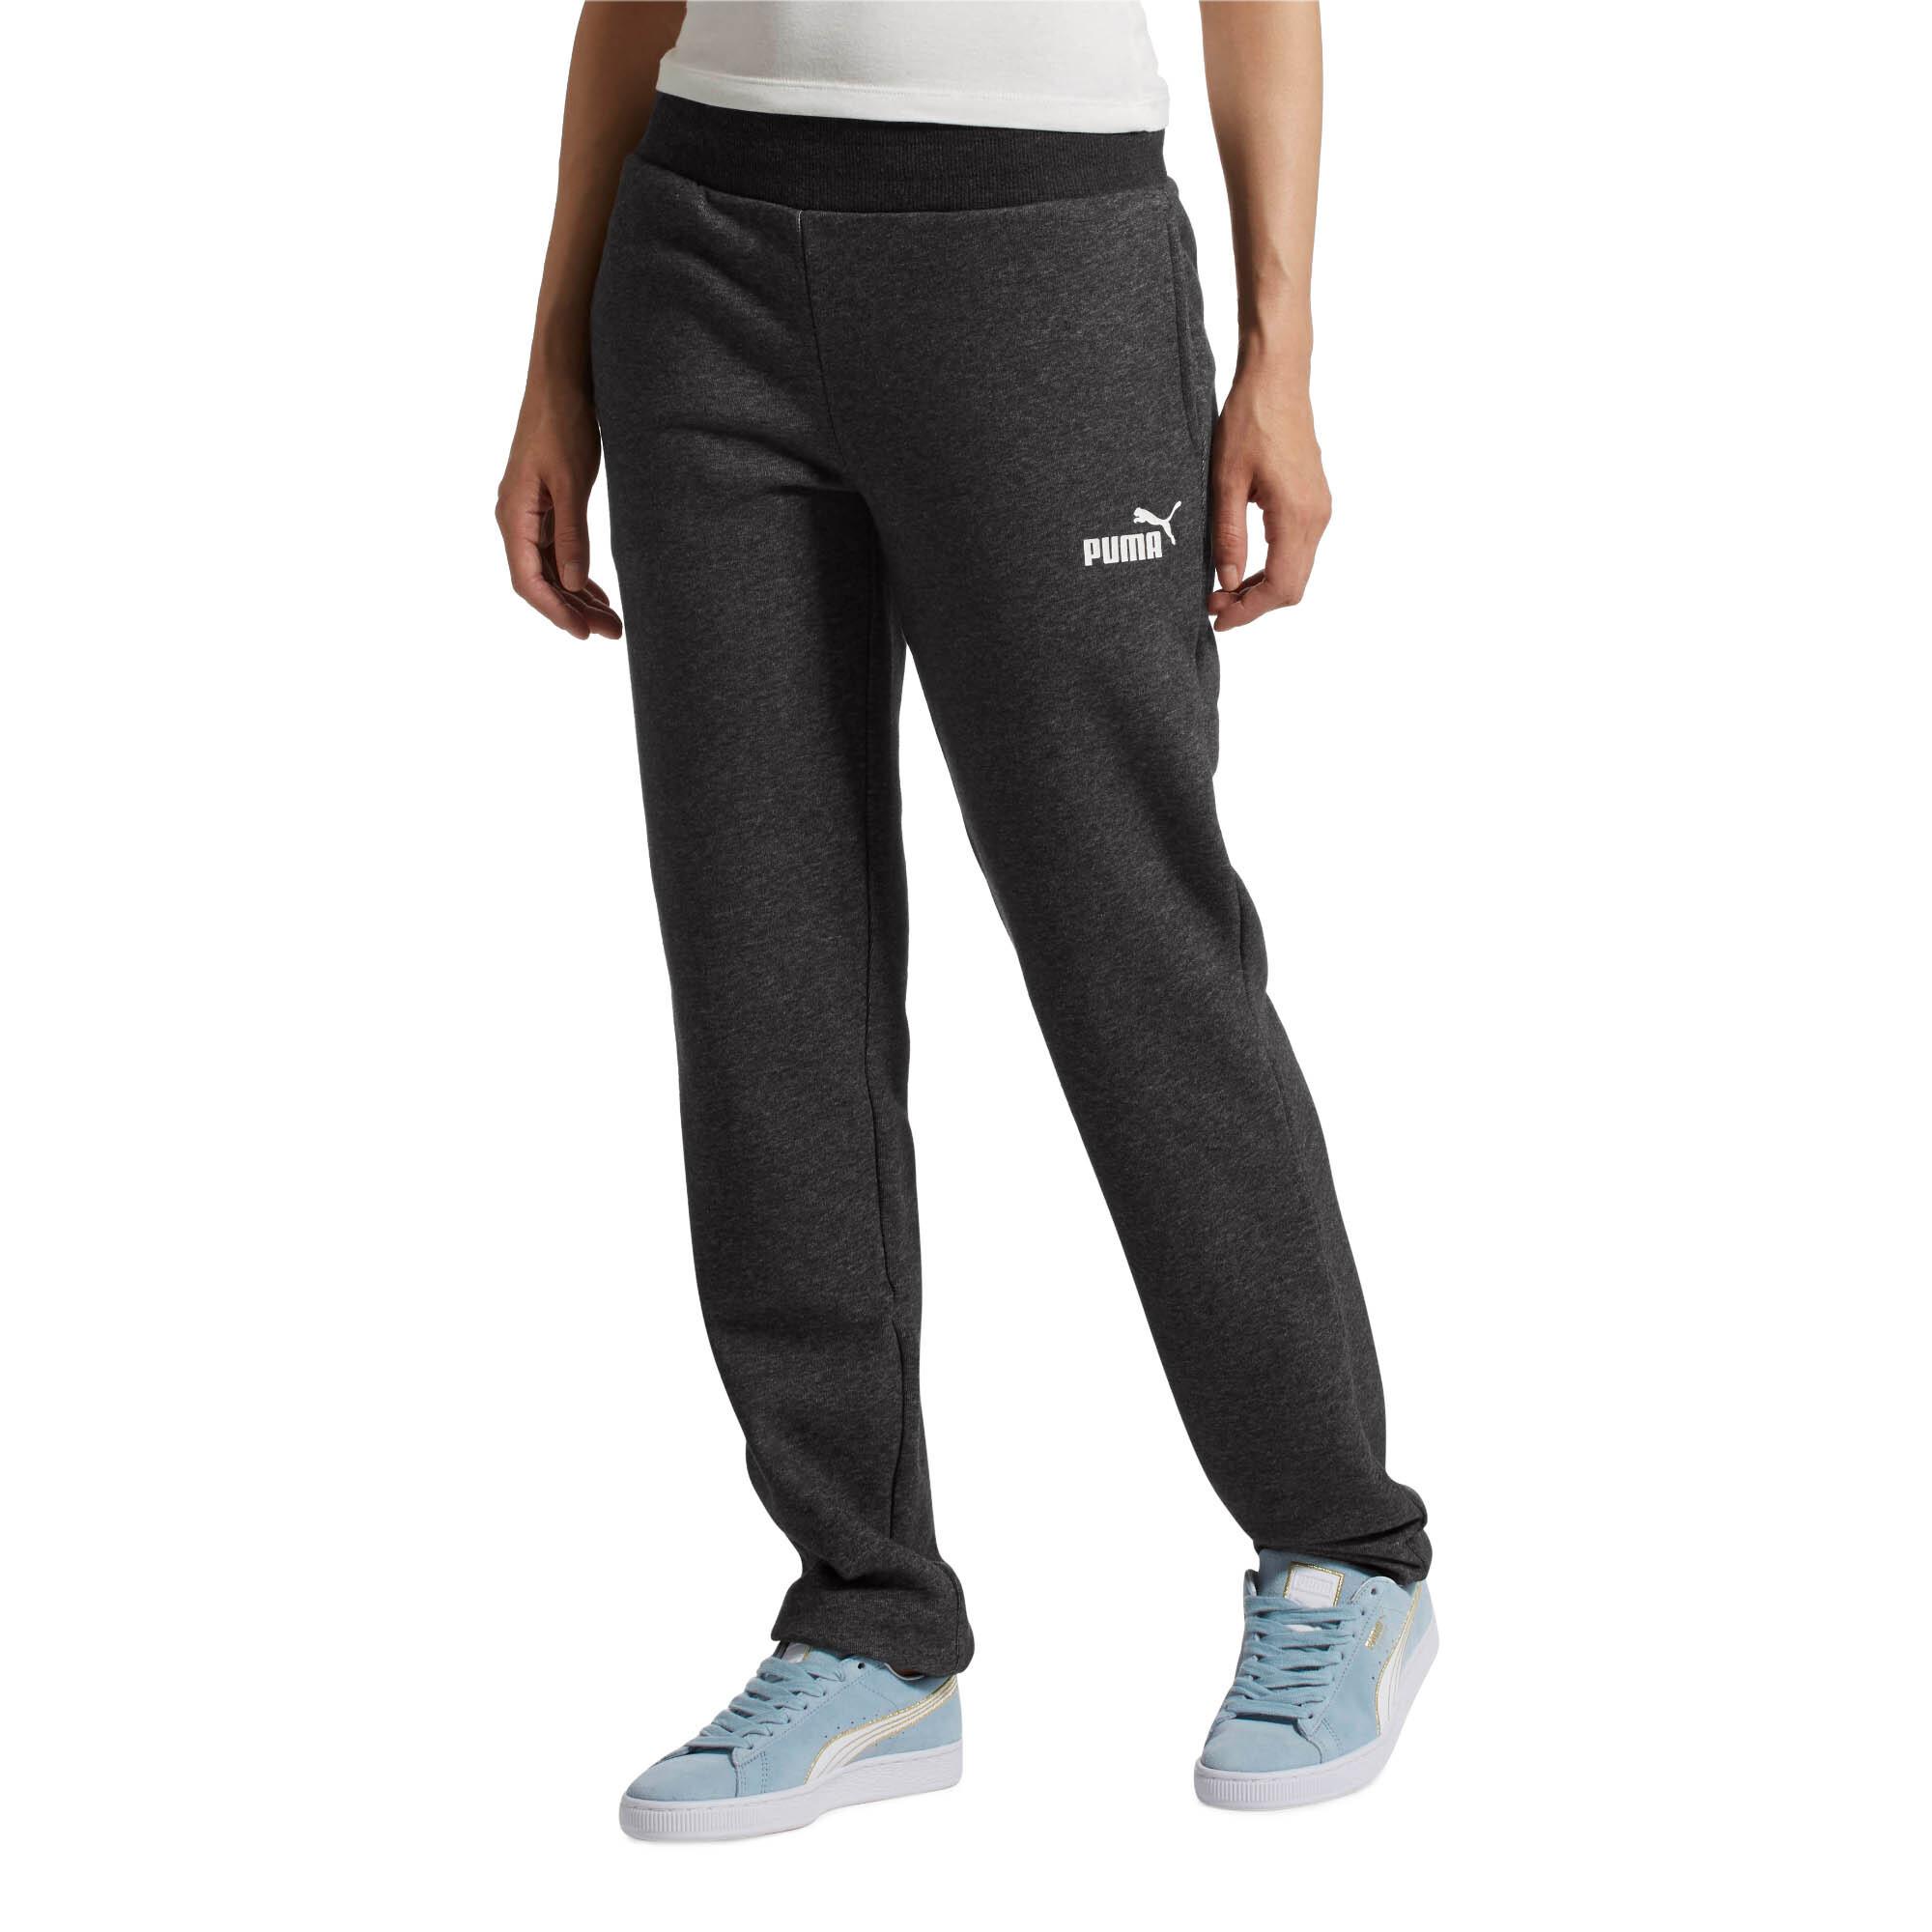 PUMA-Essentials-Fleece-Women-039-s-Knitted-Pants-Women-Knitted-Pants-Basics thumbnail 4